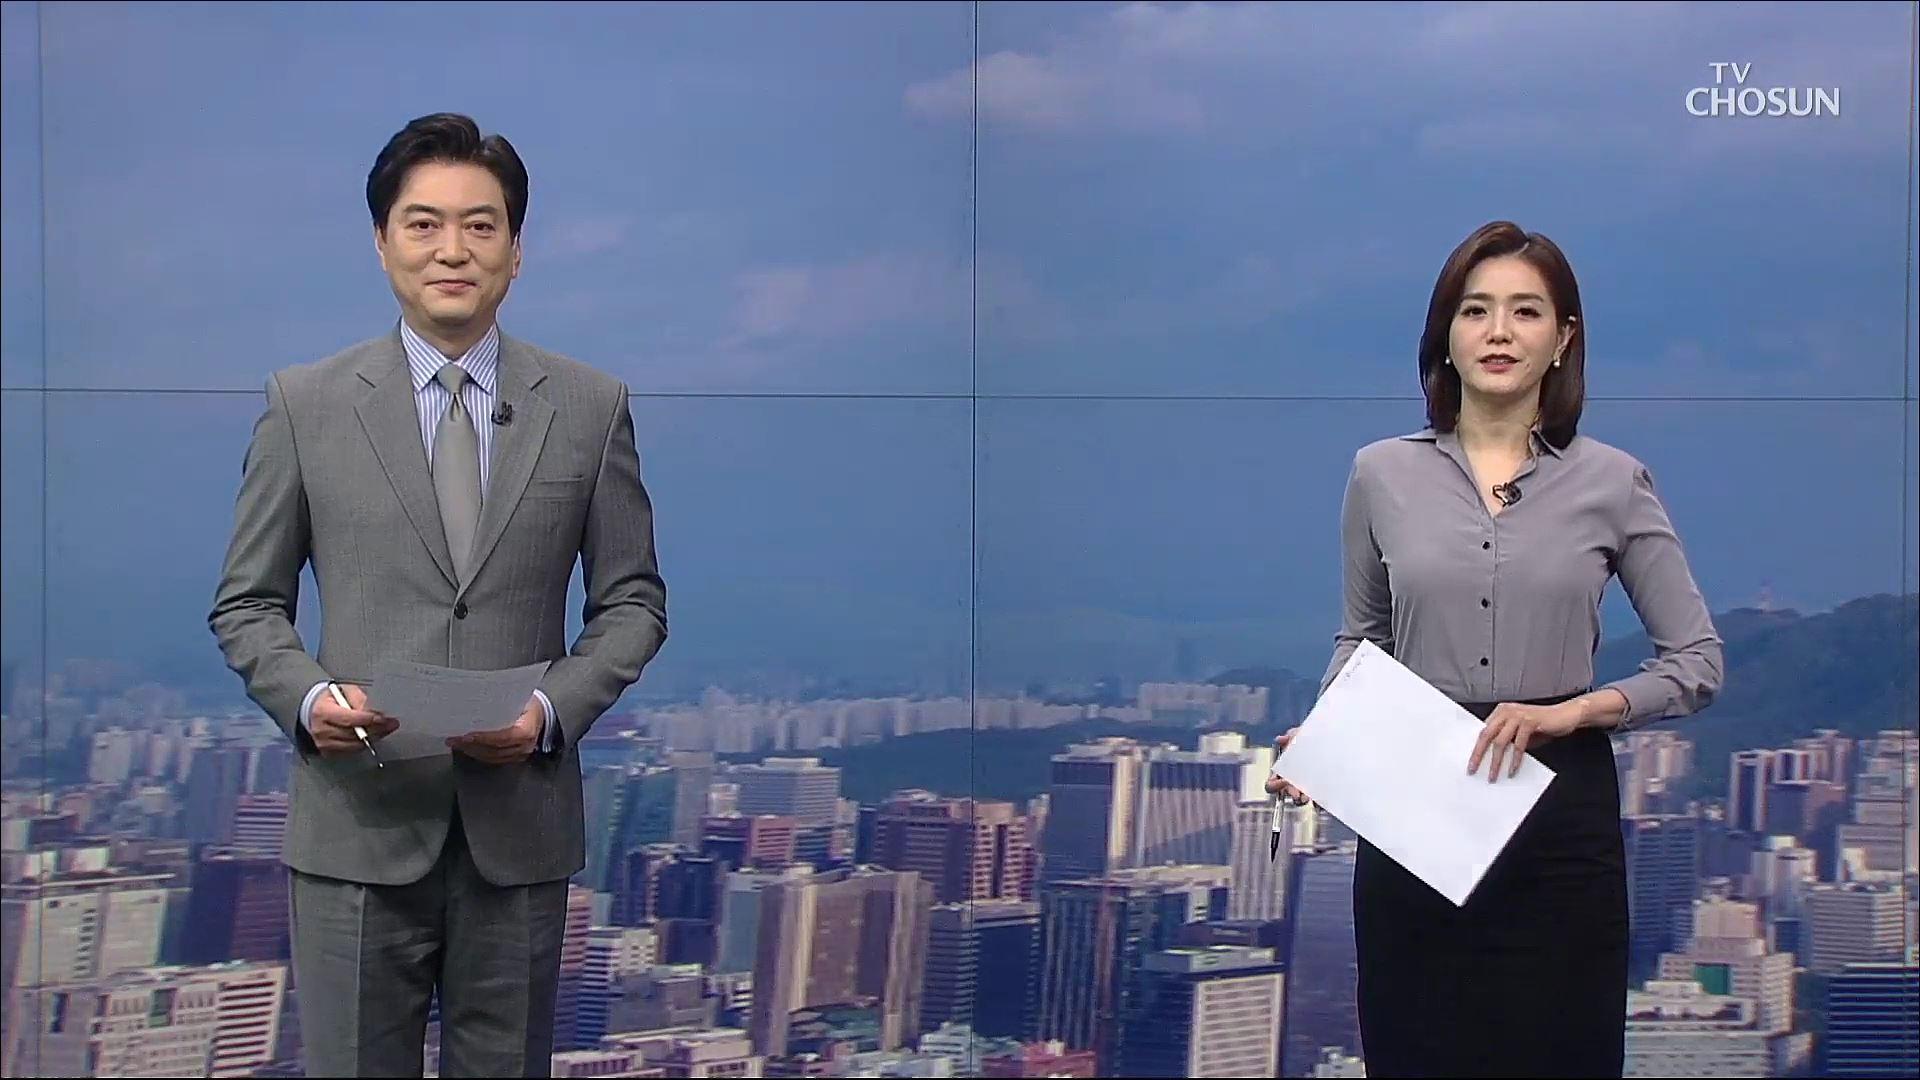 4월 15일 '뉴스 퍼레이드' 클로징